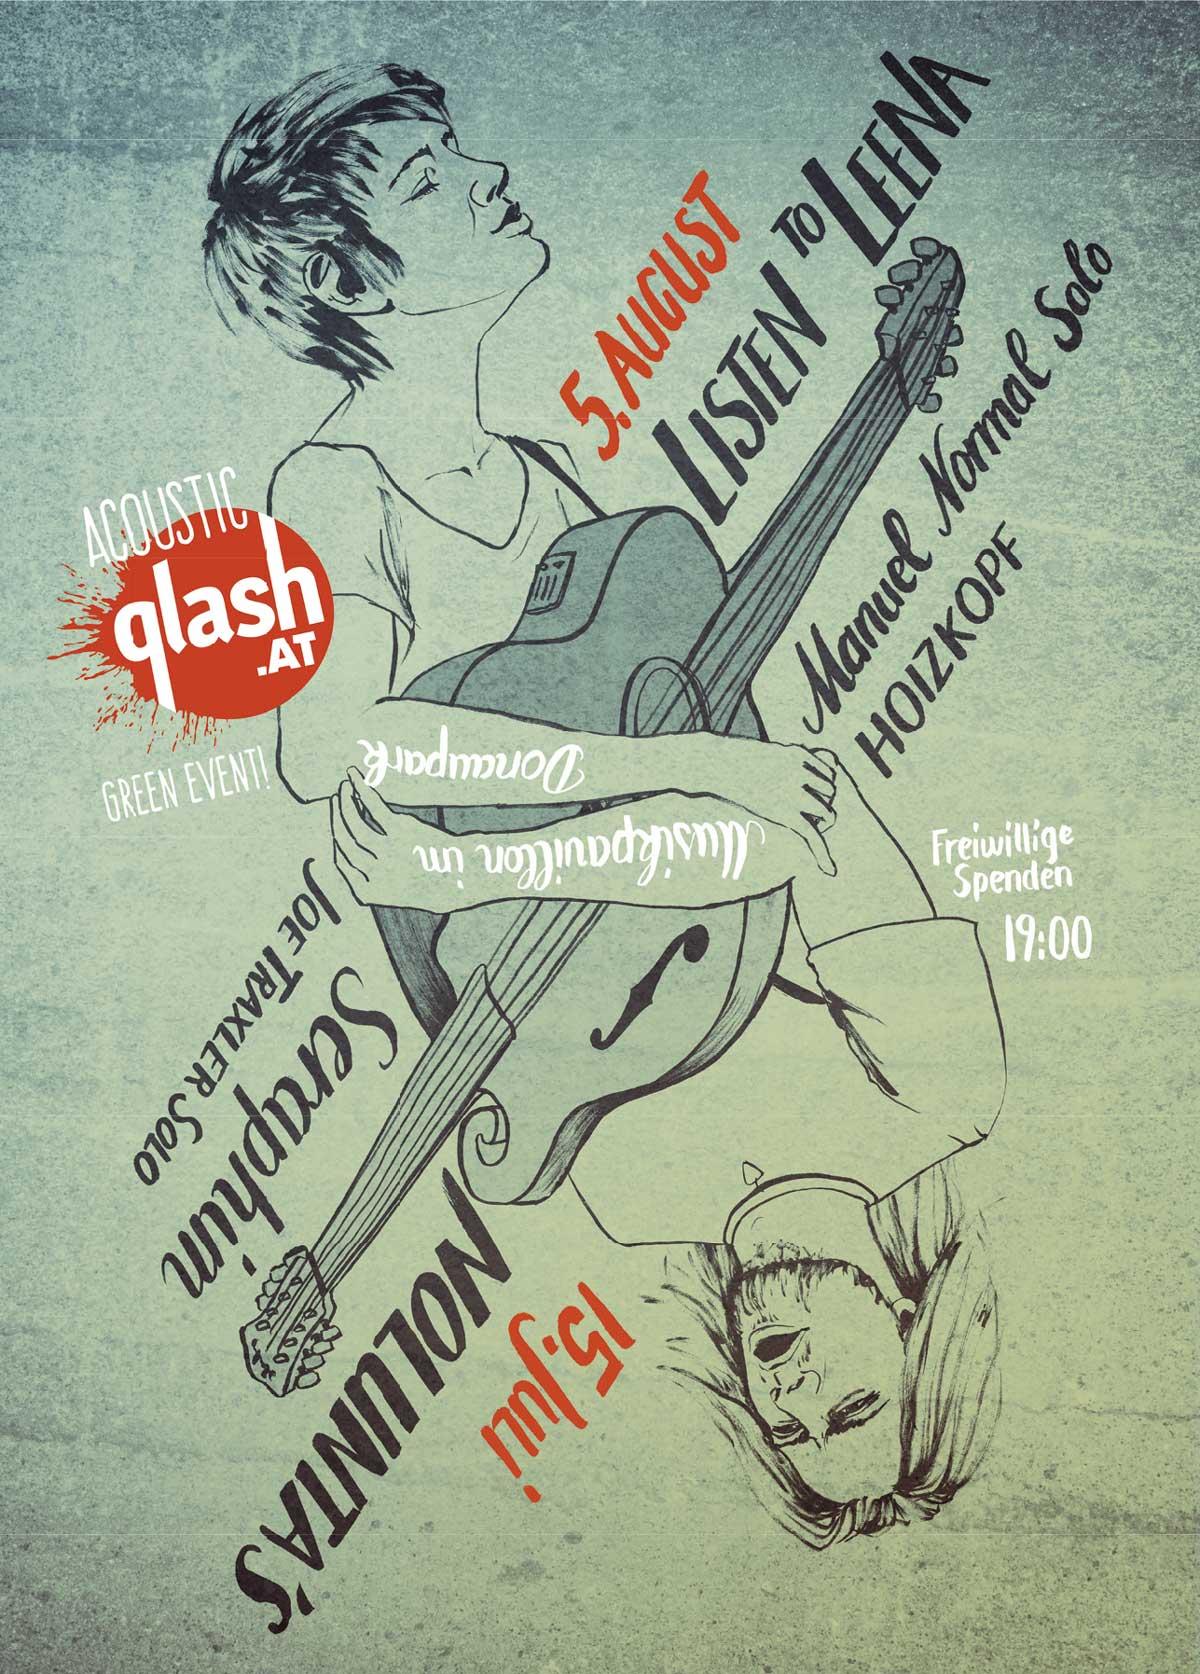 acousticqlashes15